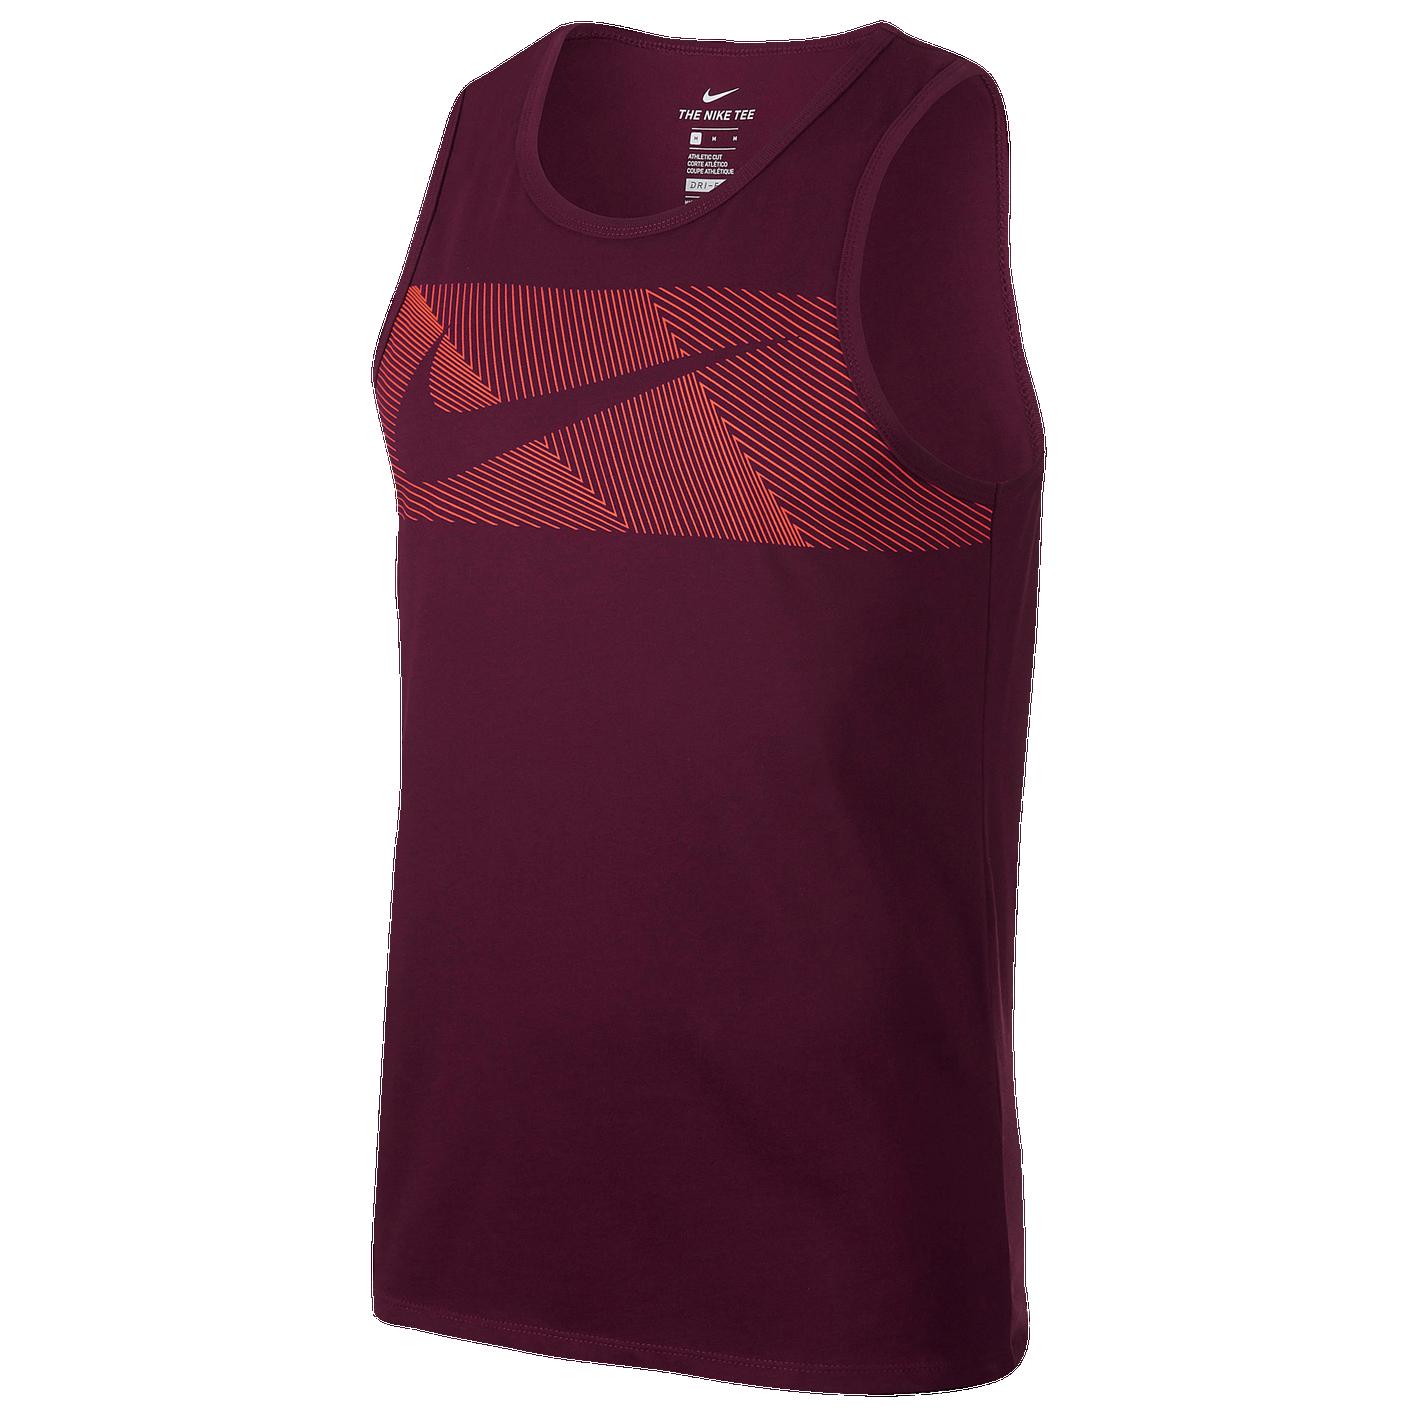 d3b6f8d39d7fdc Nike Dri-FIT Cotton Tank - Men s - Training - Clothing - Bordeaux ...